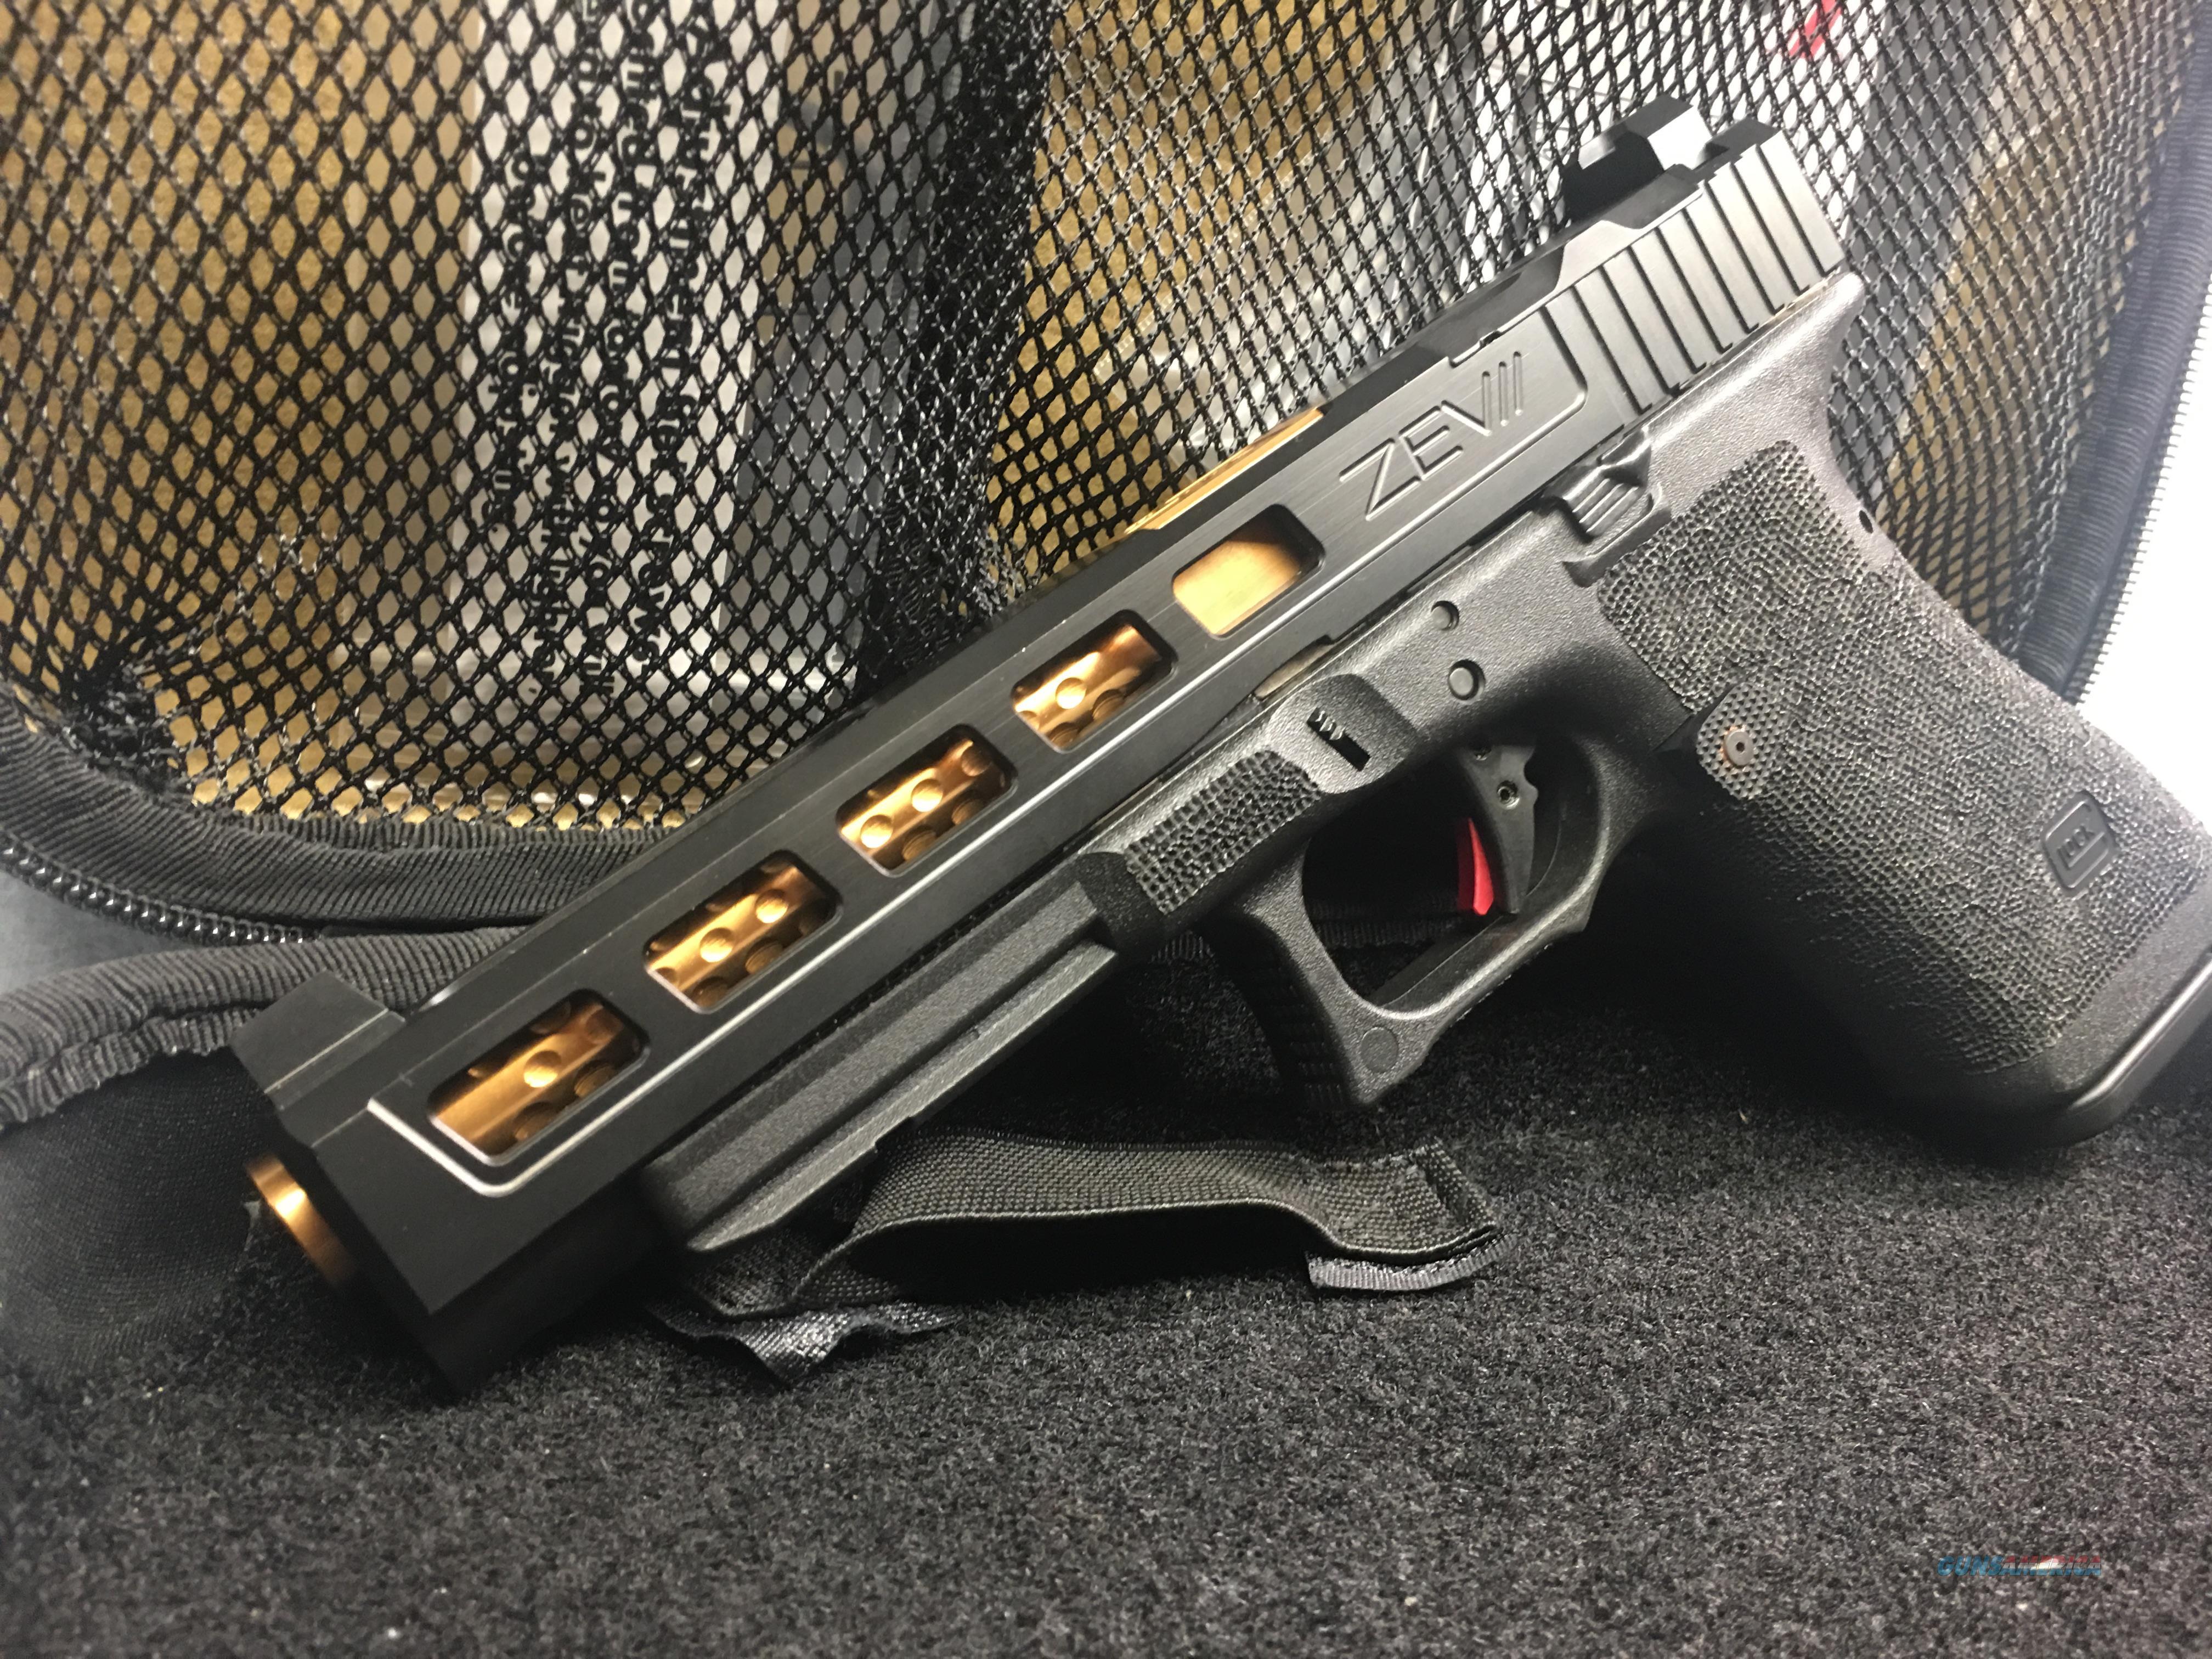 Zev Tech Glock 34 Gen 3 Dragonfly For Sale